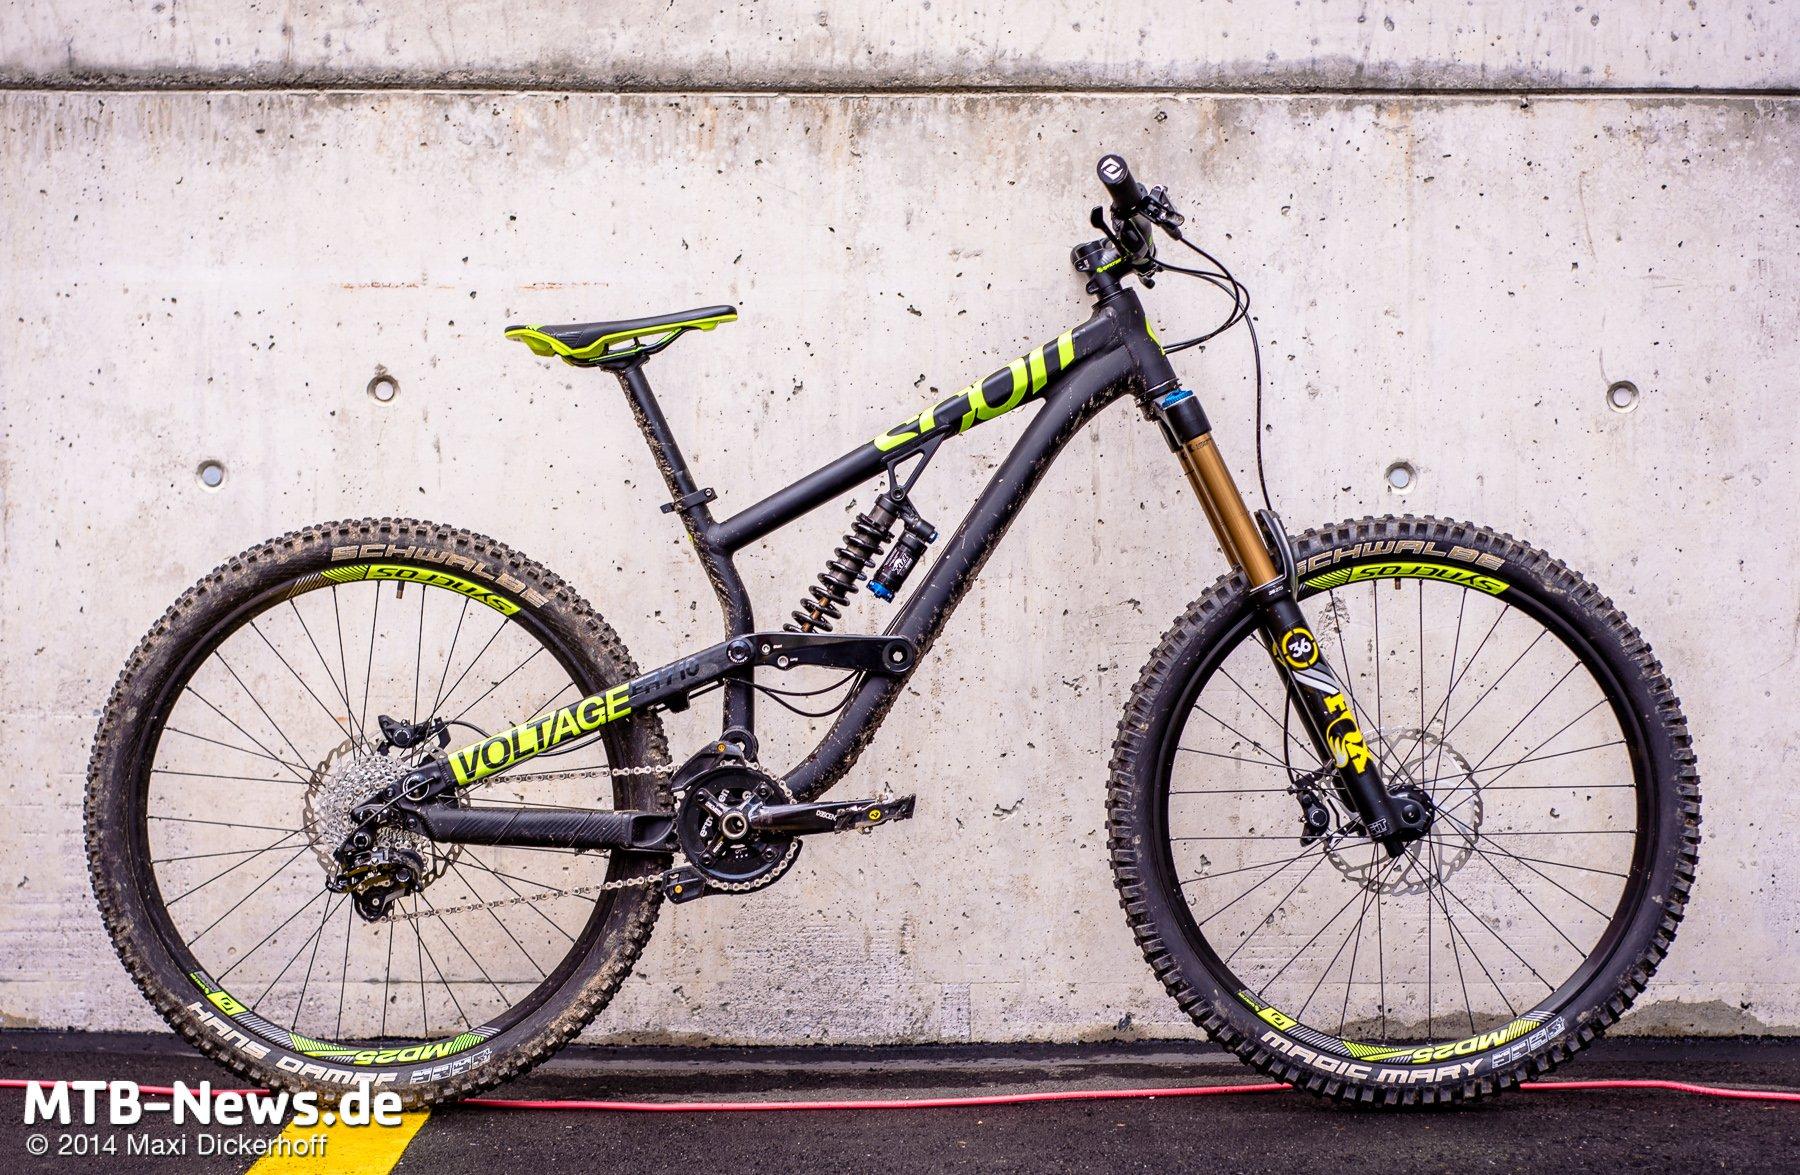 scott voltage fr 700 2015 big bike f r den spa orientierten einsatz mtb. Black Bedroom Furniture Sets. Home Design Ideas